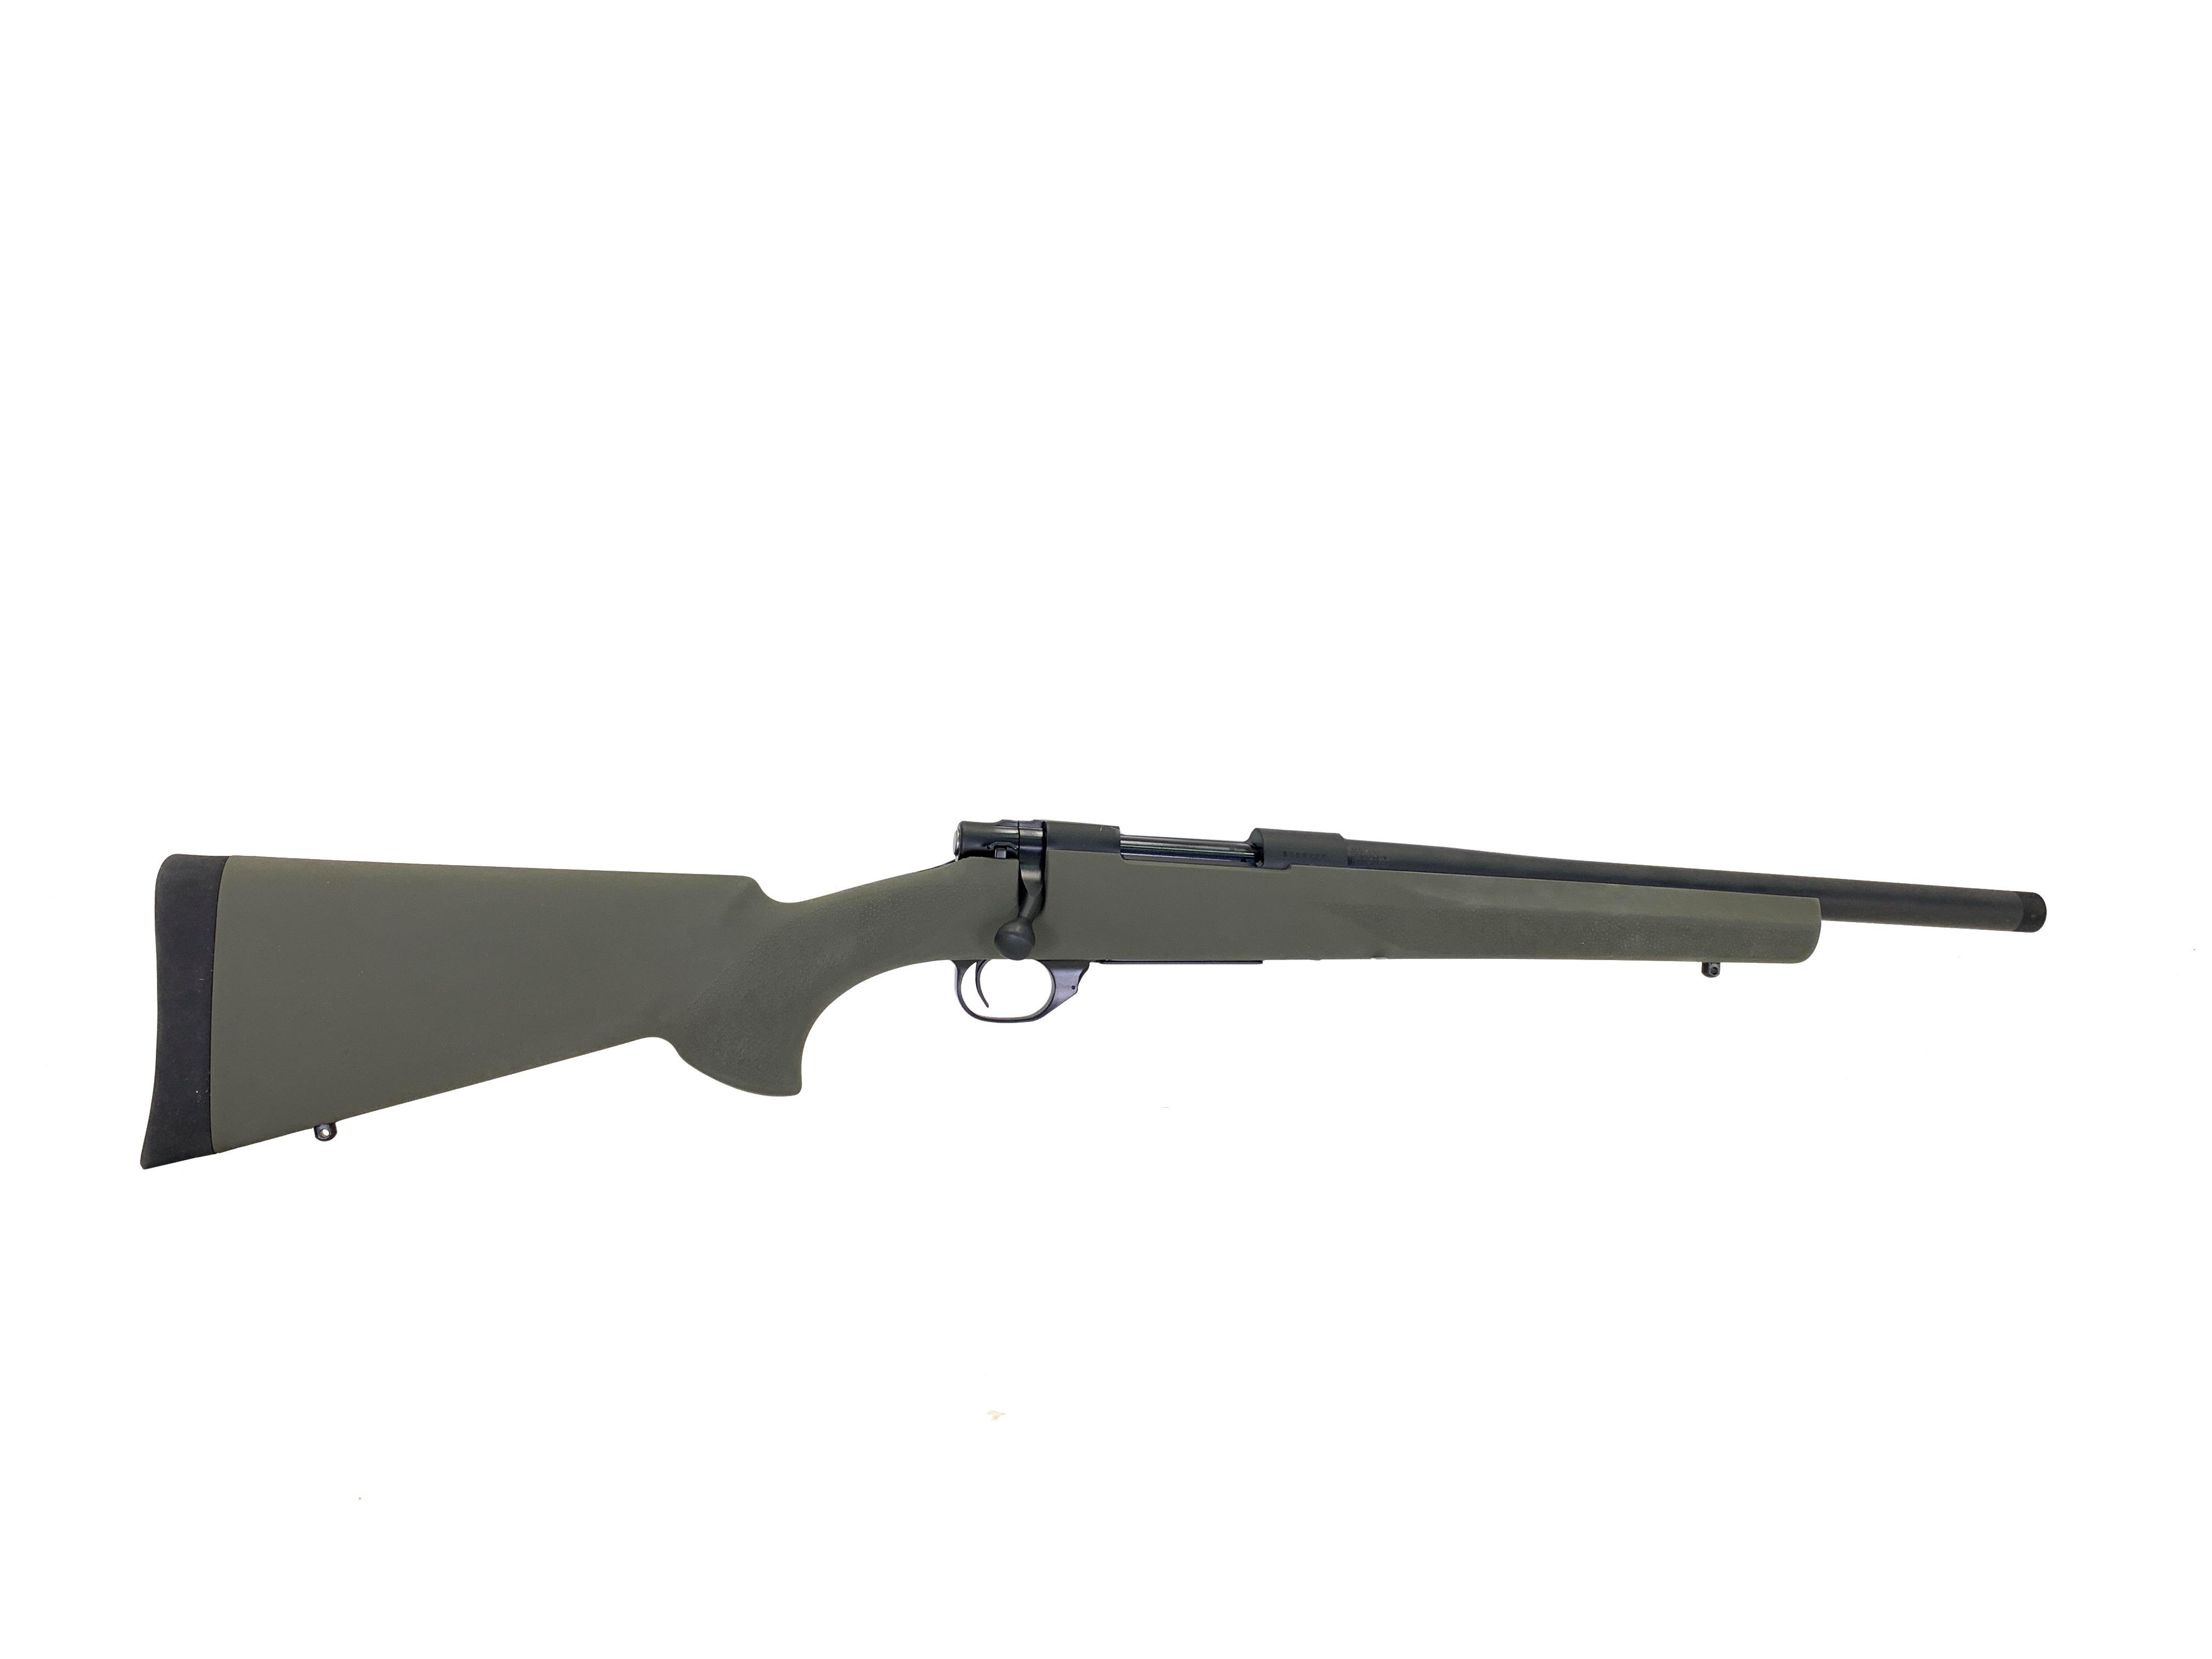 HOWA M1500 HOGUE 6.5 CREEDMOOR